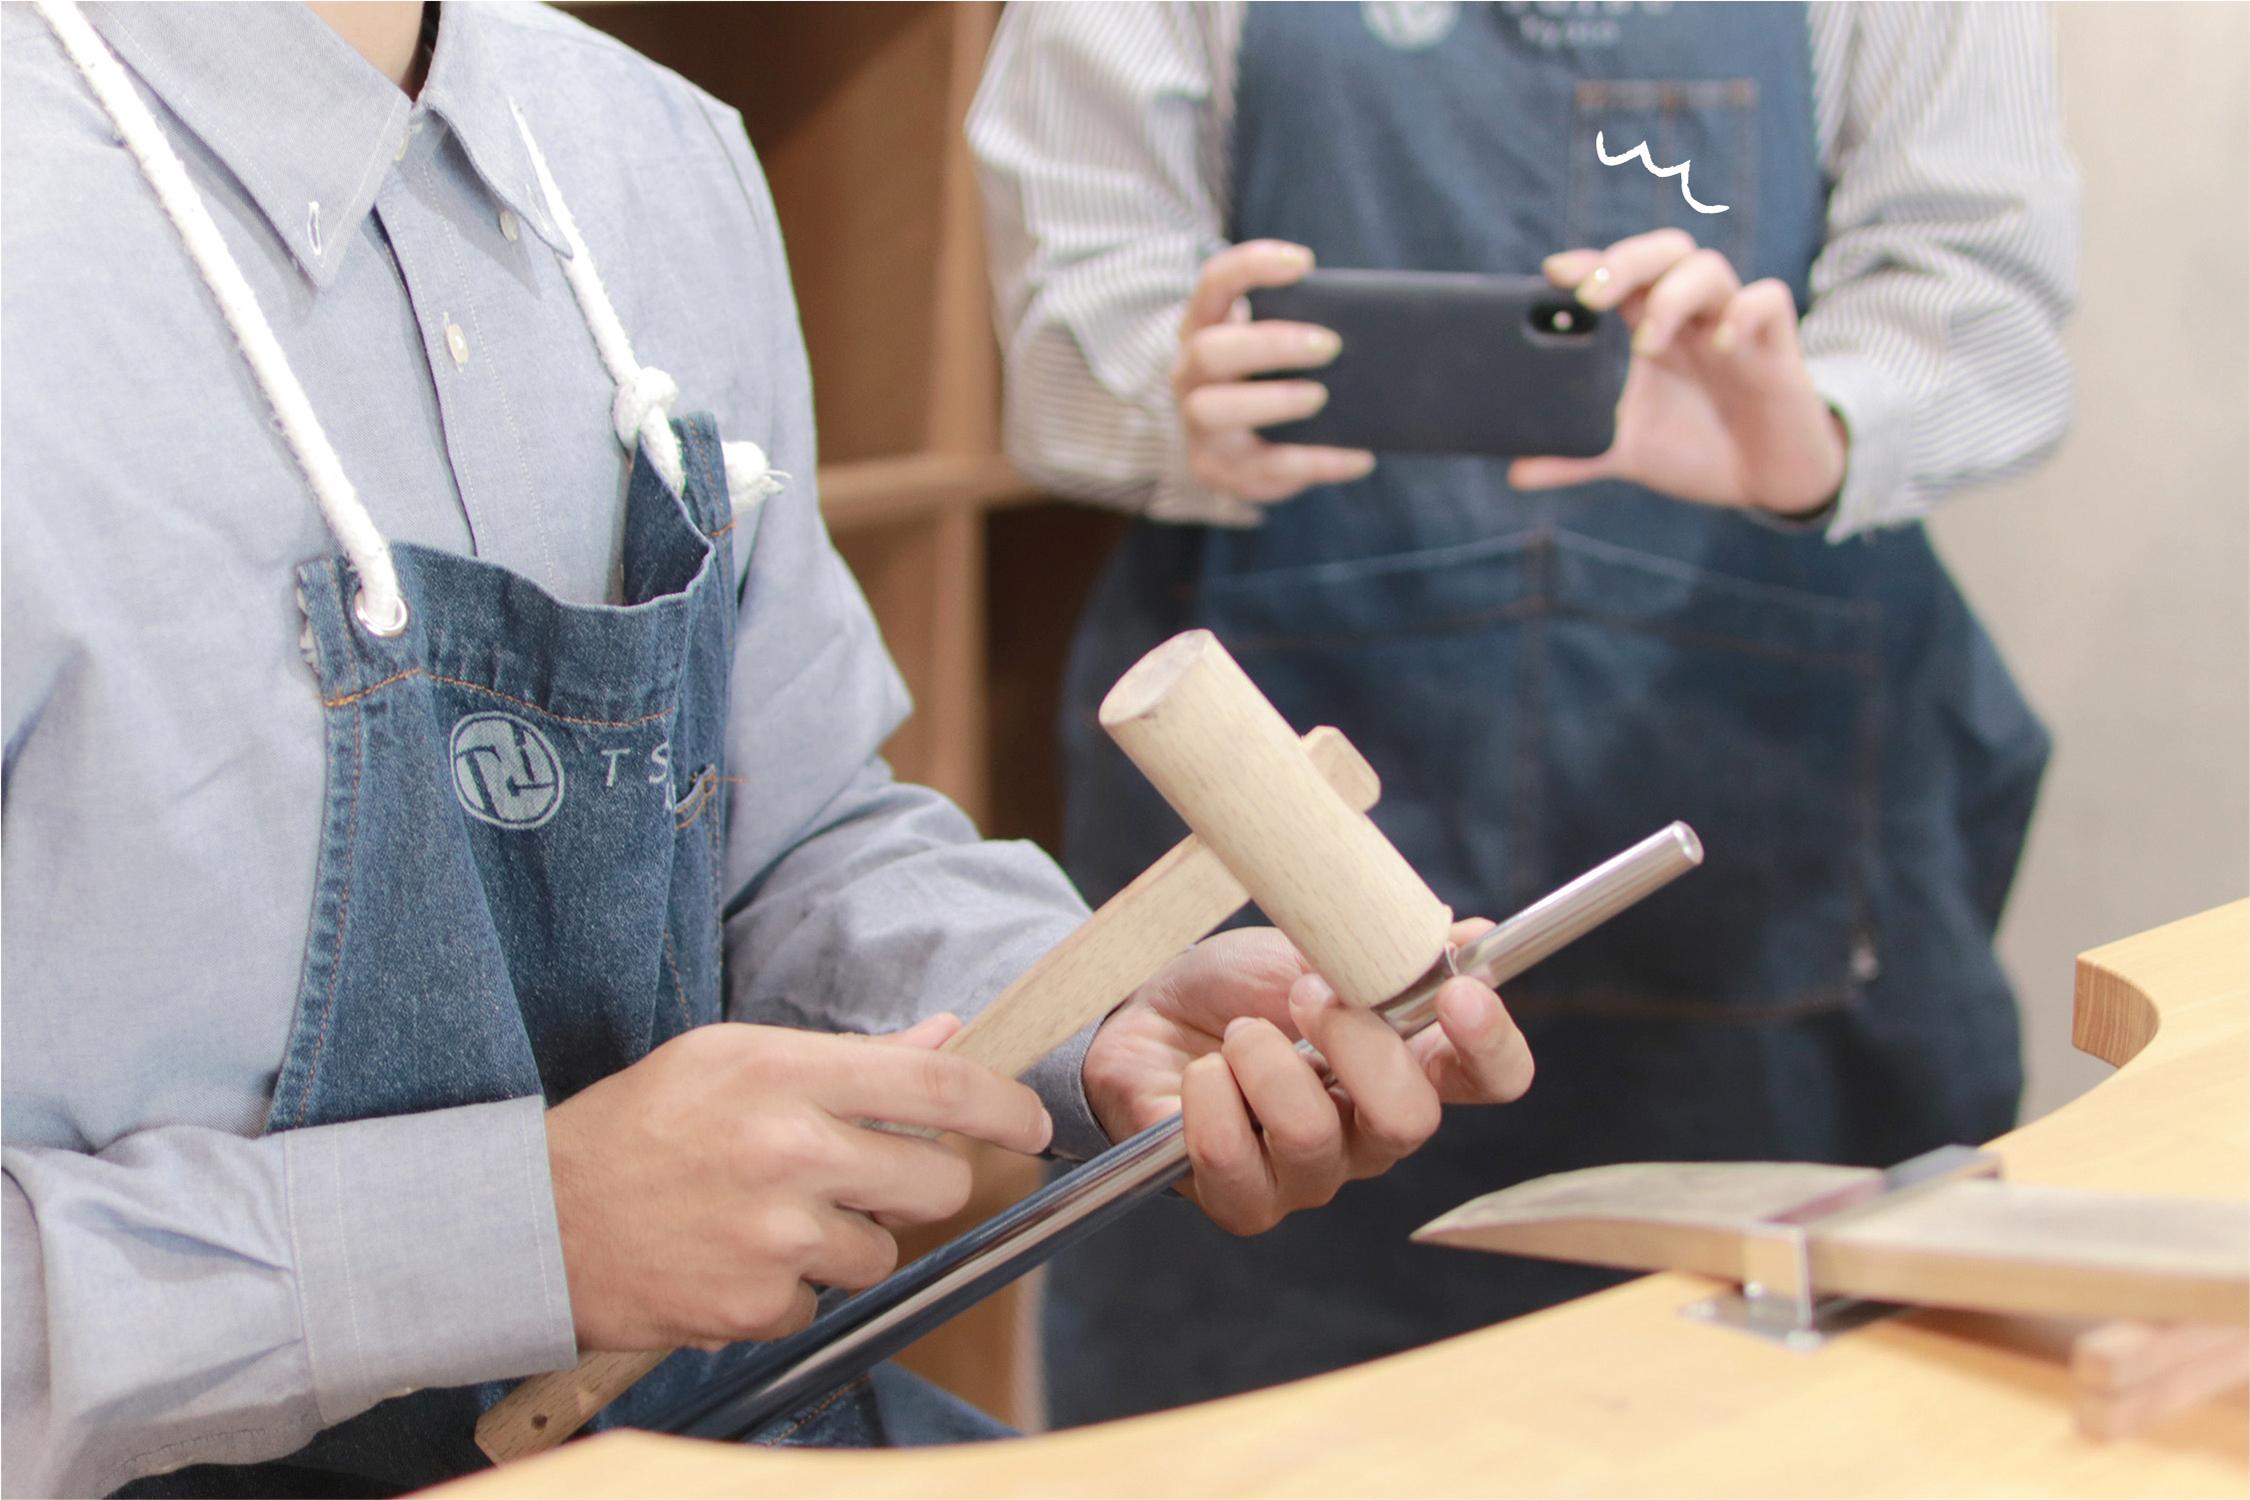 手作り結婚指輪の作業風景を撮影